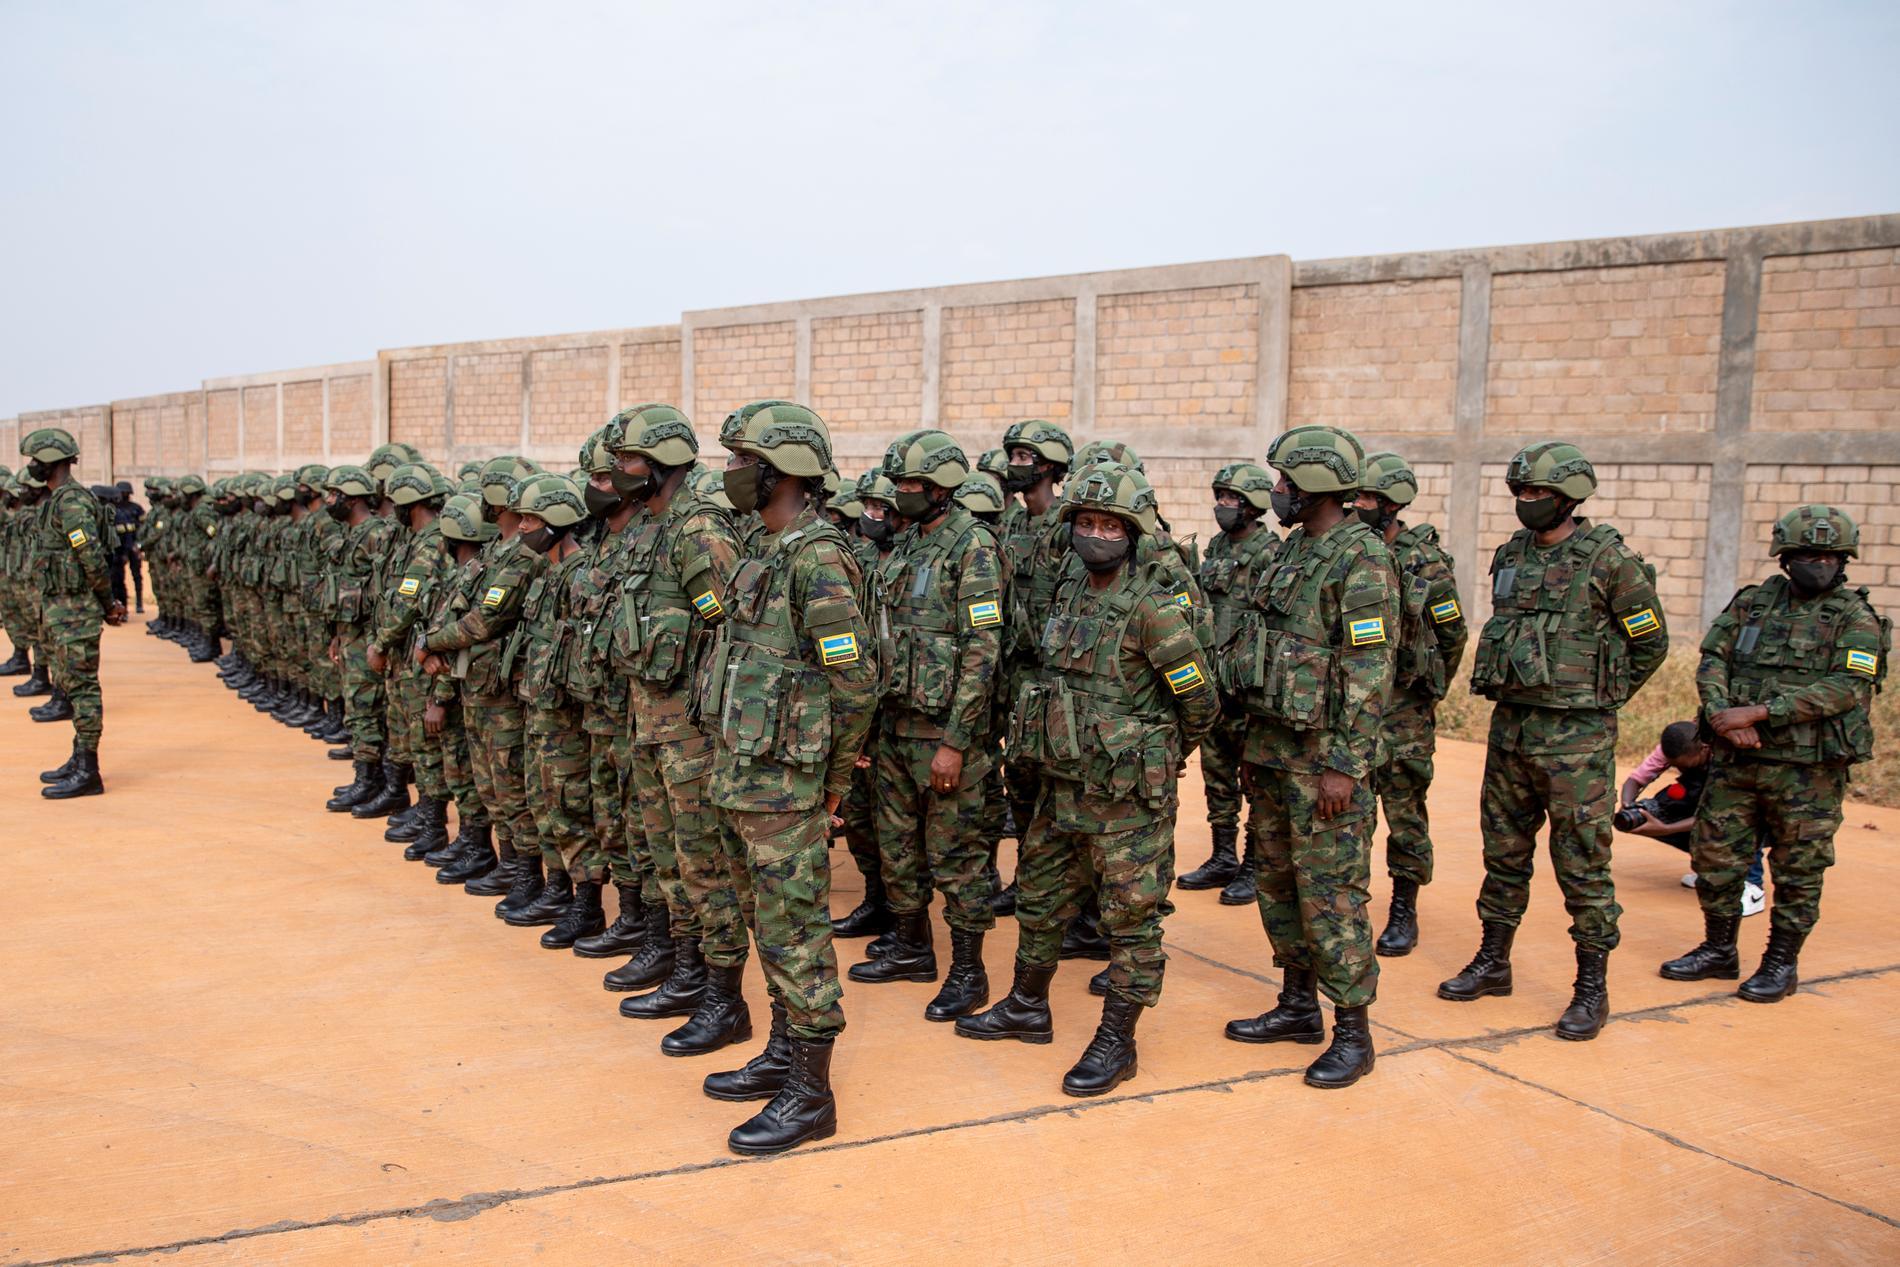 Rwandiska soldater inför avresa till Moçambique i den 10 juli. Rwanda har sänt 1000 soldater och poliser till Moçambique för att bekämpa ett jihadistuppror och nu bidrar Sydafrika med ytterligare runt 1500 soldater.